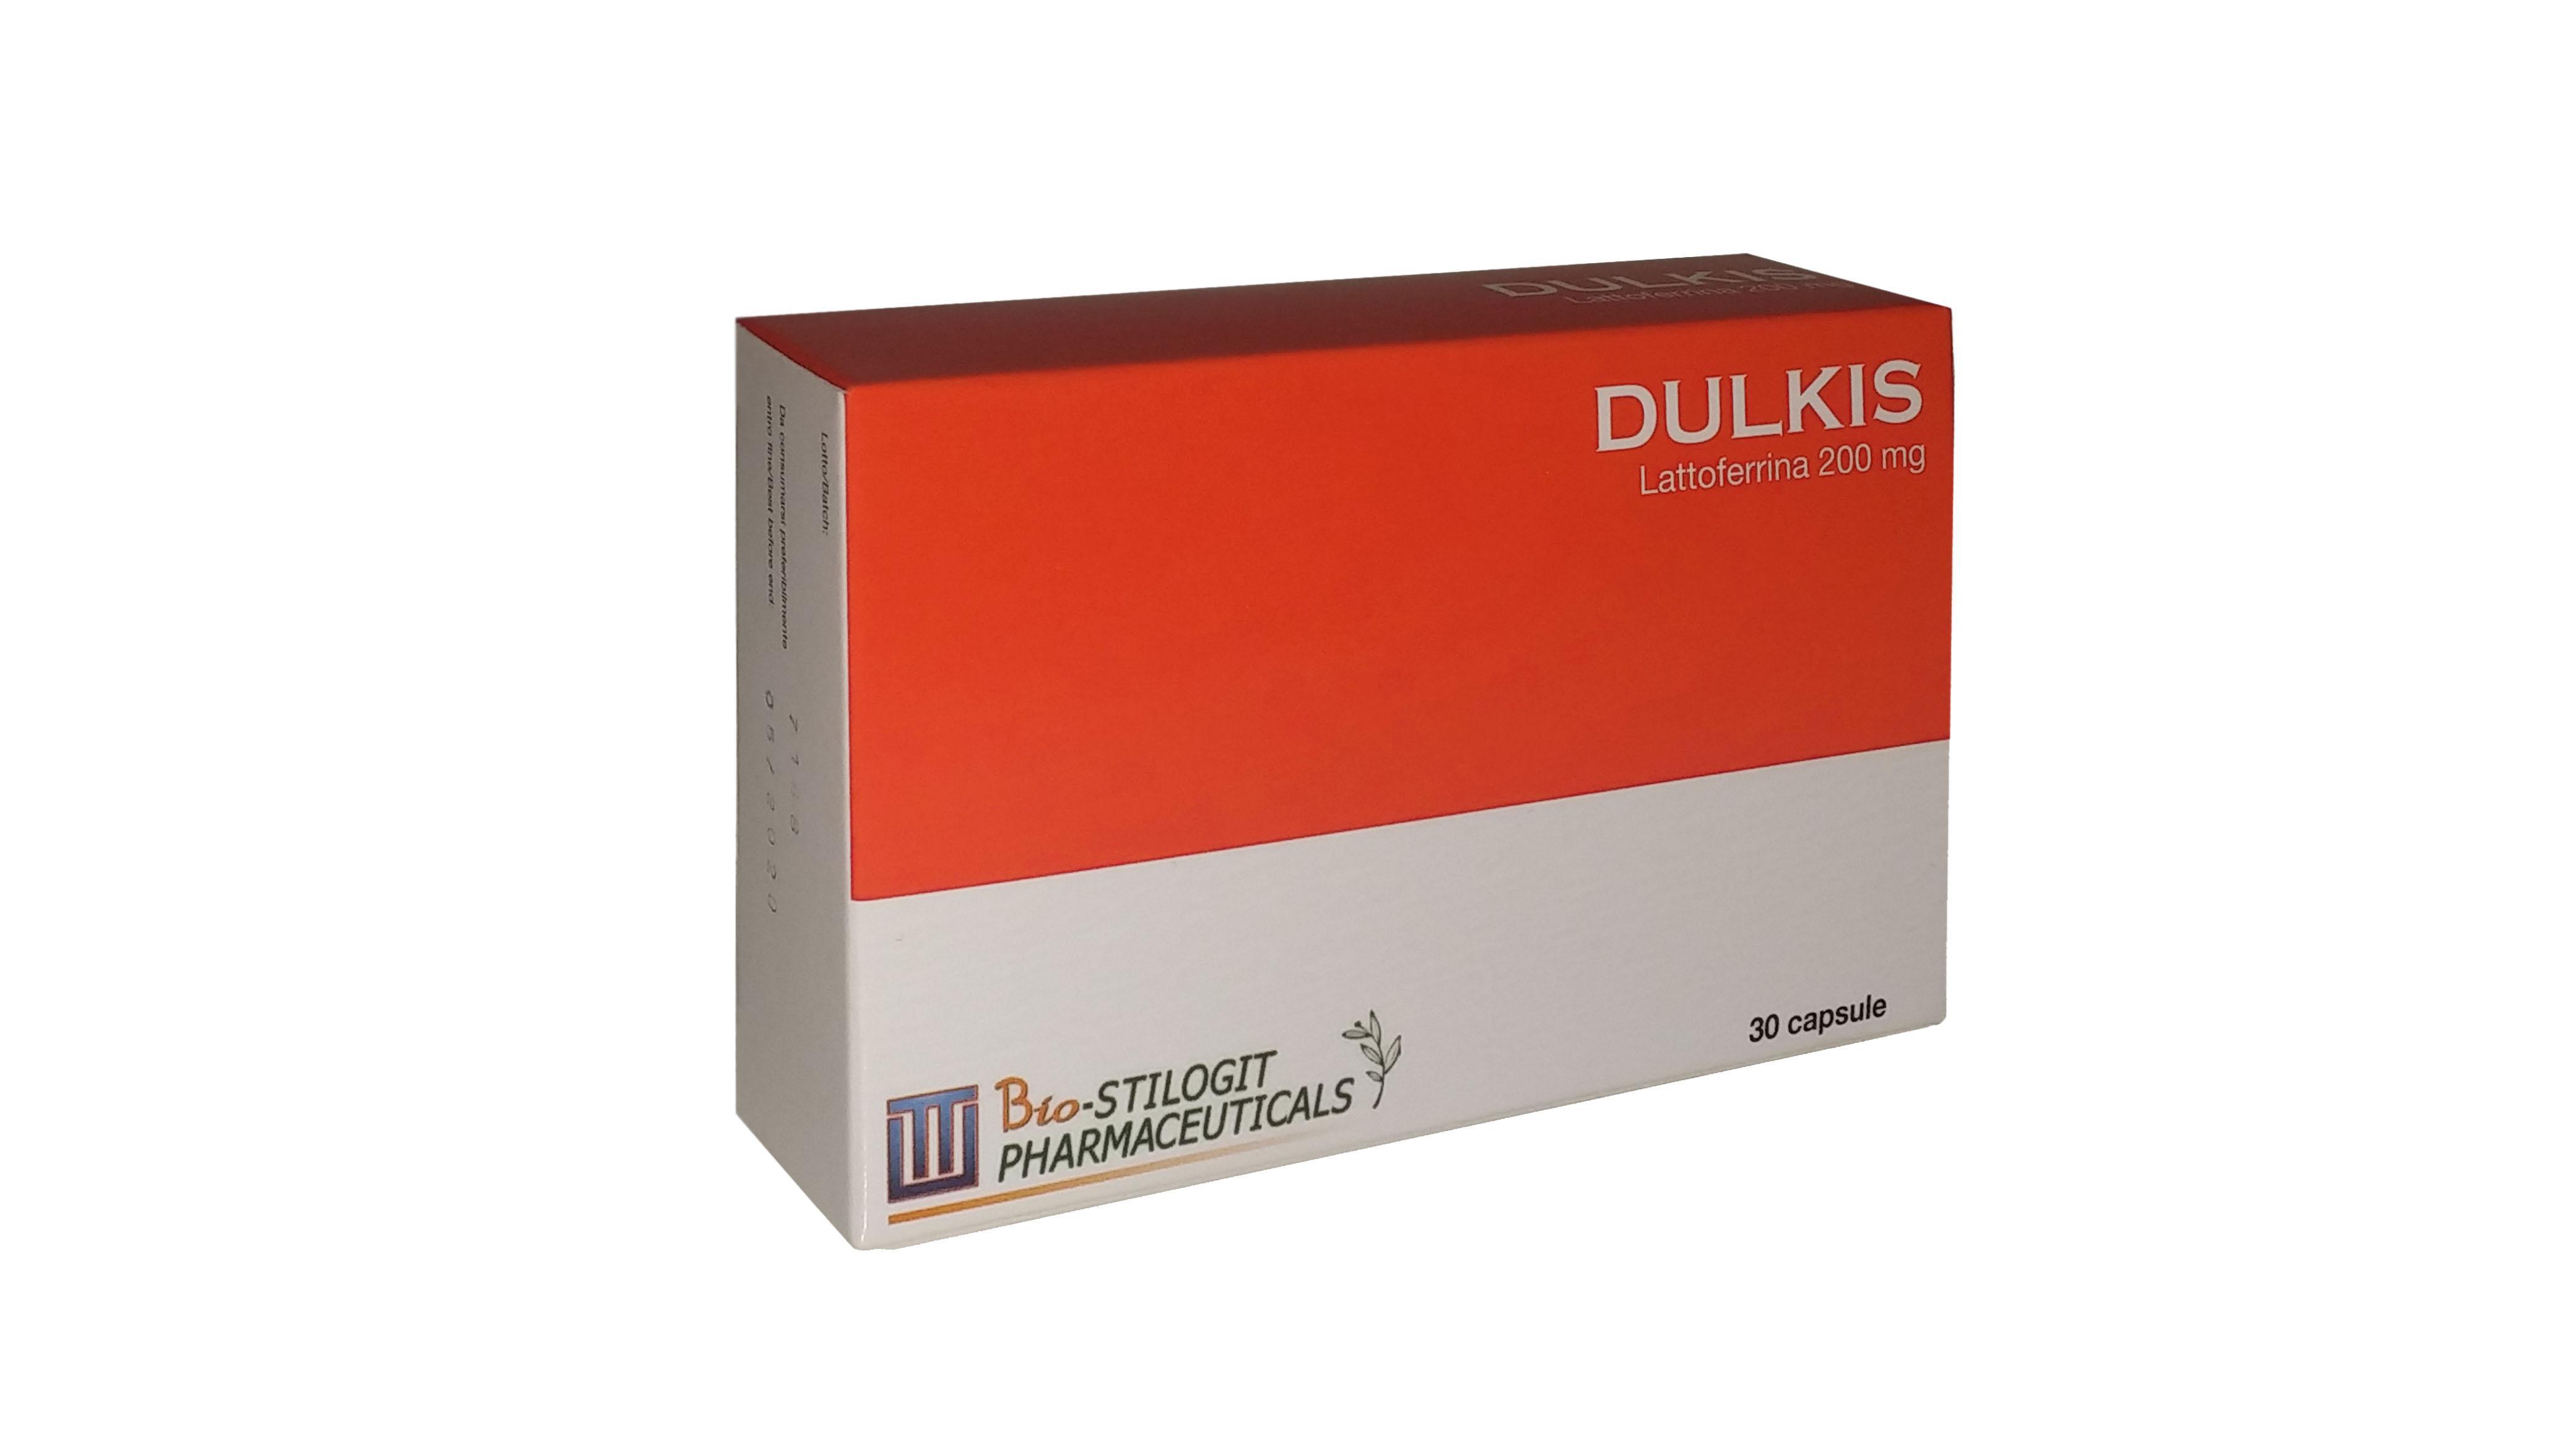 DULKIS - 30 cps